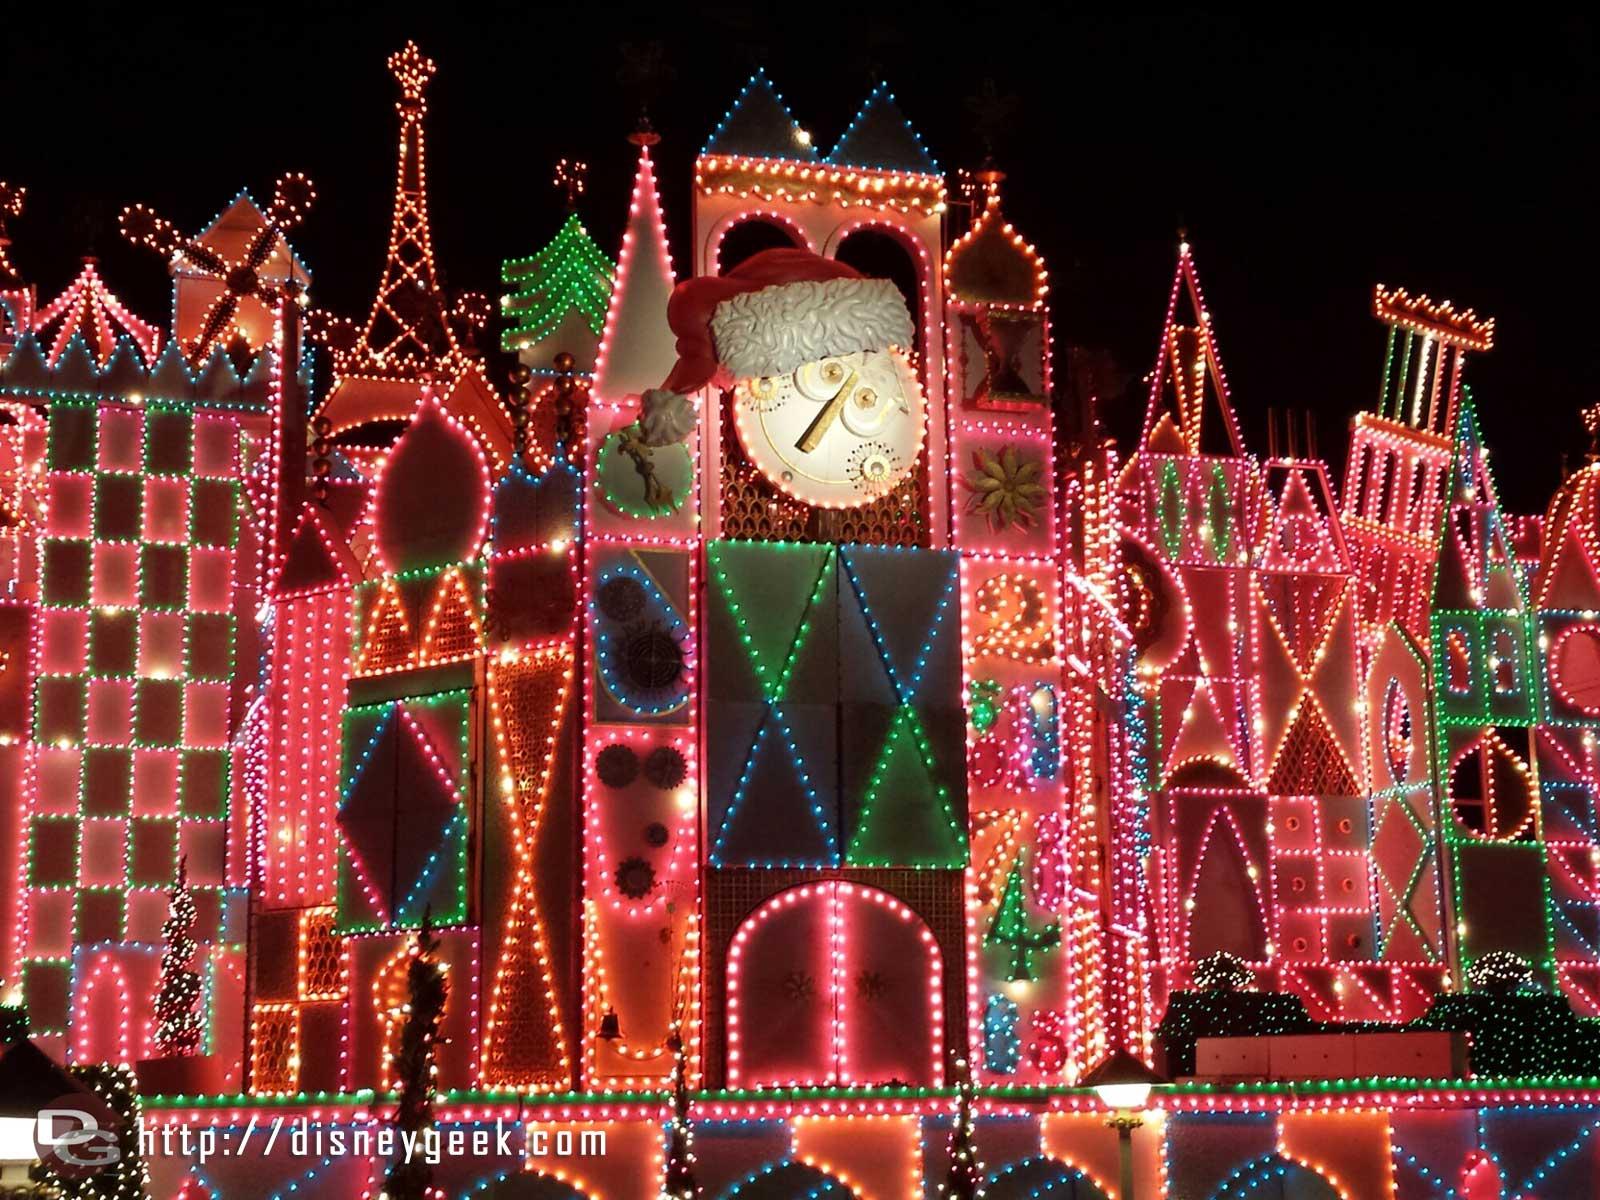 Small World Holiday lights #Disneyland